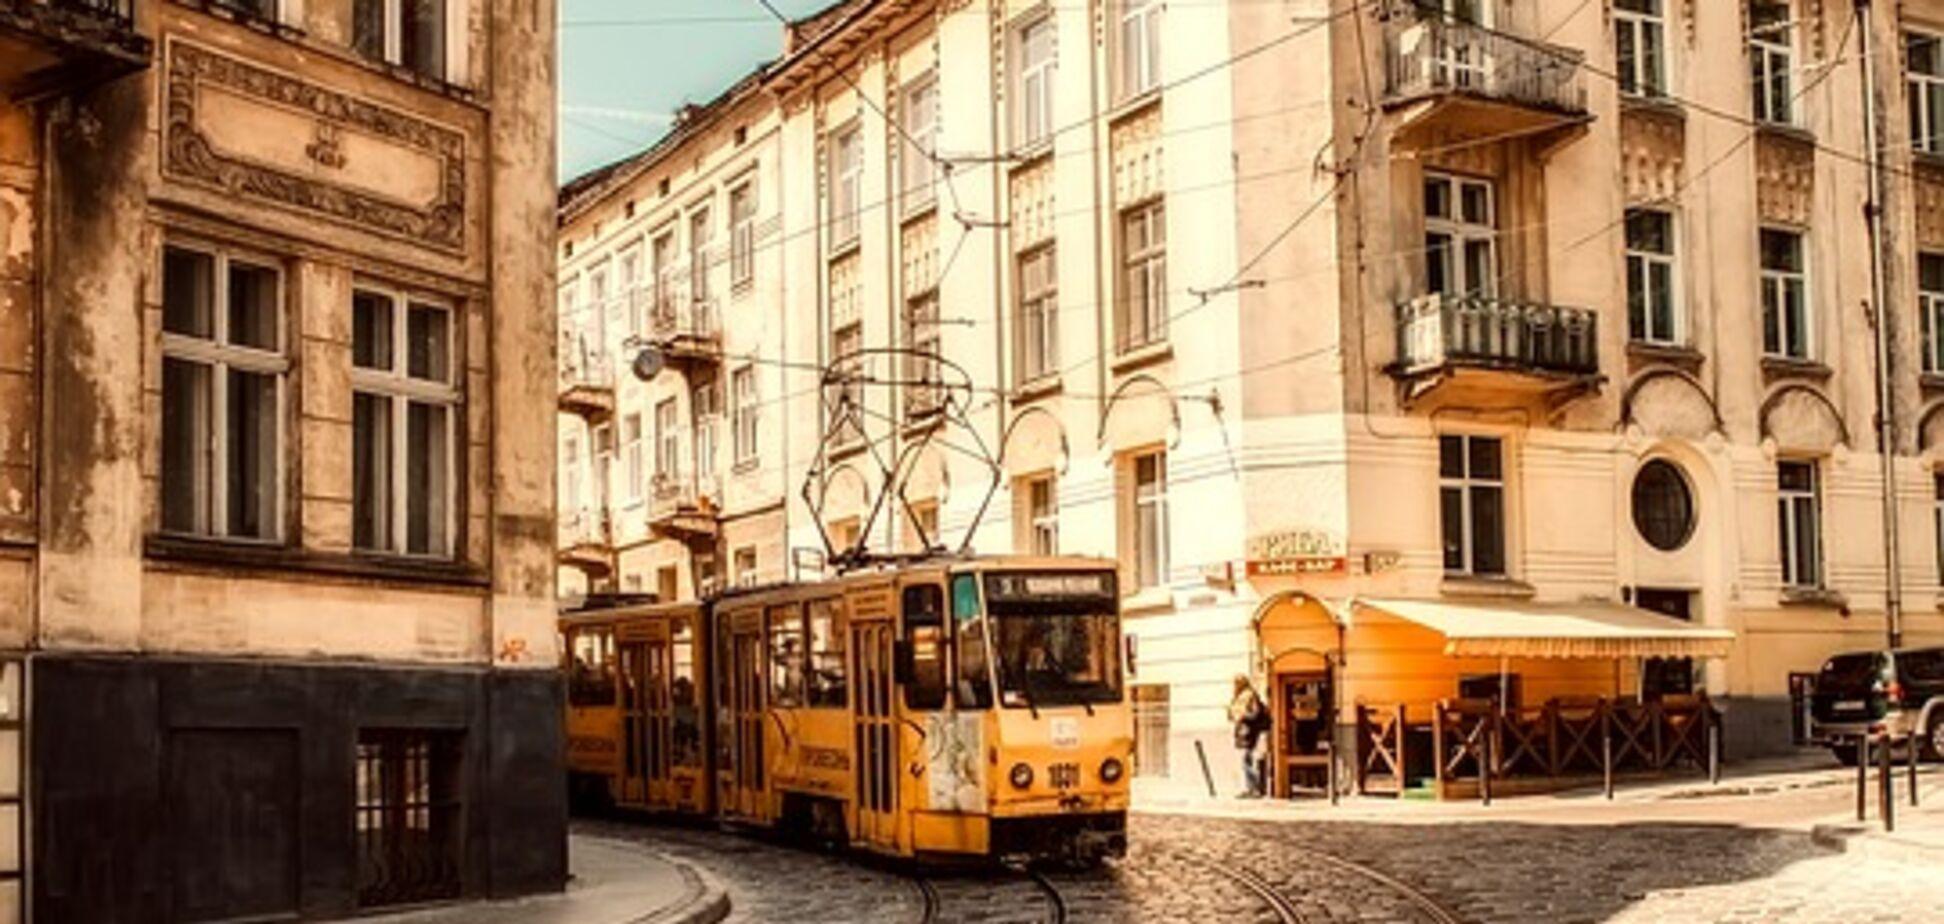 'Один притворился глухонемым': экс-контролер рассказал, как хитрят украинцы в транспорте